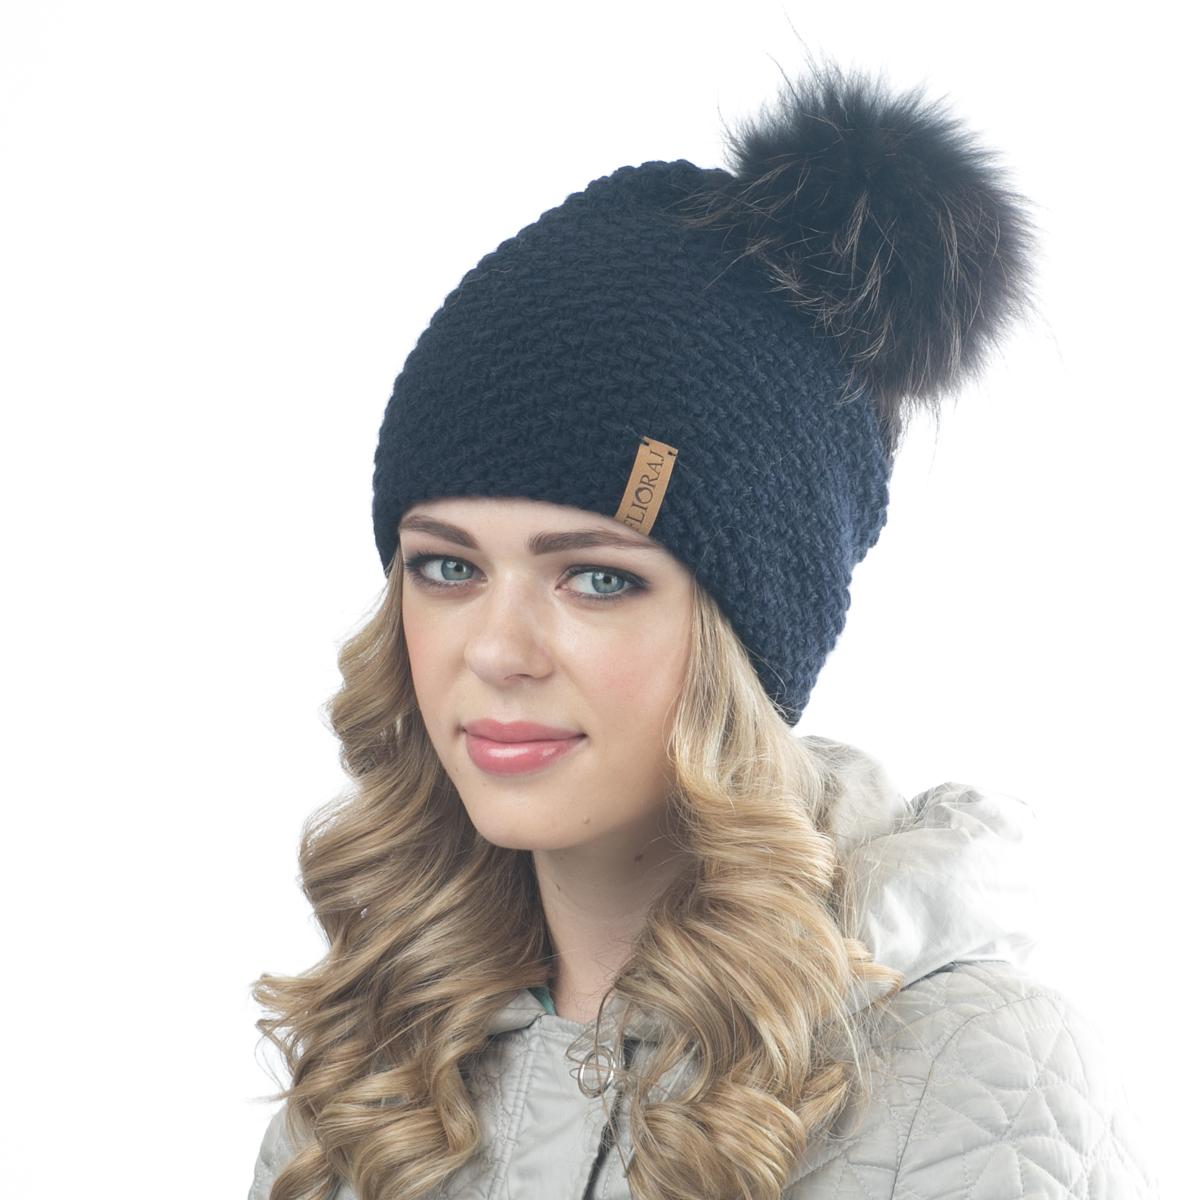 Шапка женская Flioraj, цвет: темно-синий. 05/1FJ. Размер 56/5805/1FJТеплая шапка от Flioraj, связанная из овечьей шерсти и шерсти горной альпаки, отлично согреет в холодную погоду. Состав пряжи делает изделие мягким, теплым и комфортным. Модель выполнена крупной рельефной вязкой, украшена нашивкой из натуральной кожи и меховым помпоном из енота. Оттенок помпона может отличаться.